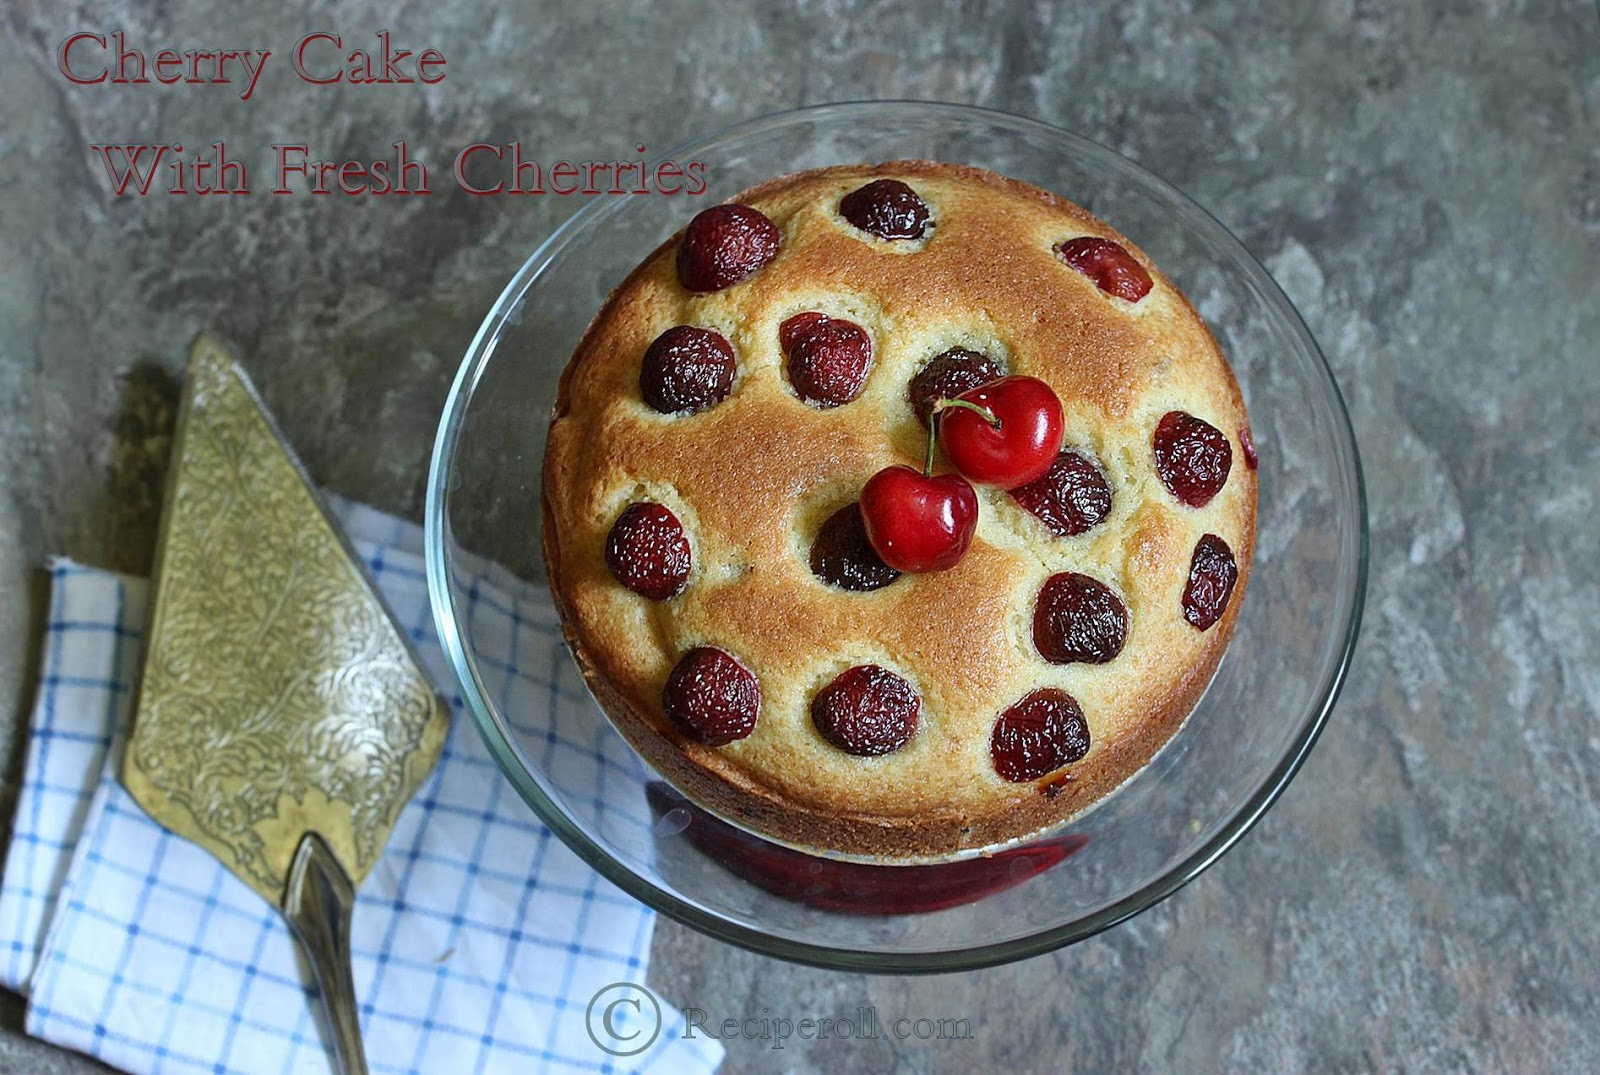 Cherry cake recipe using fresh cherries